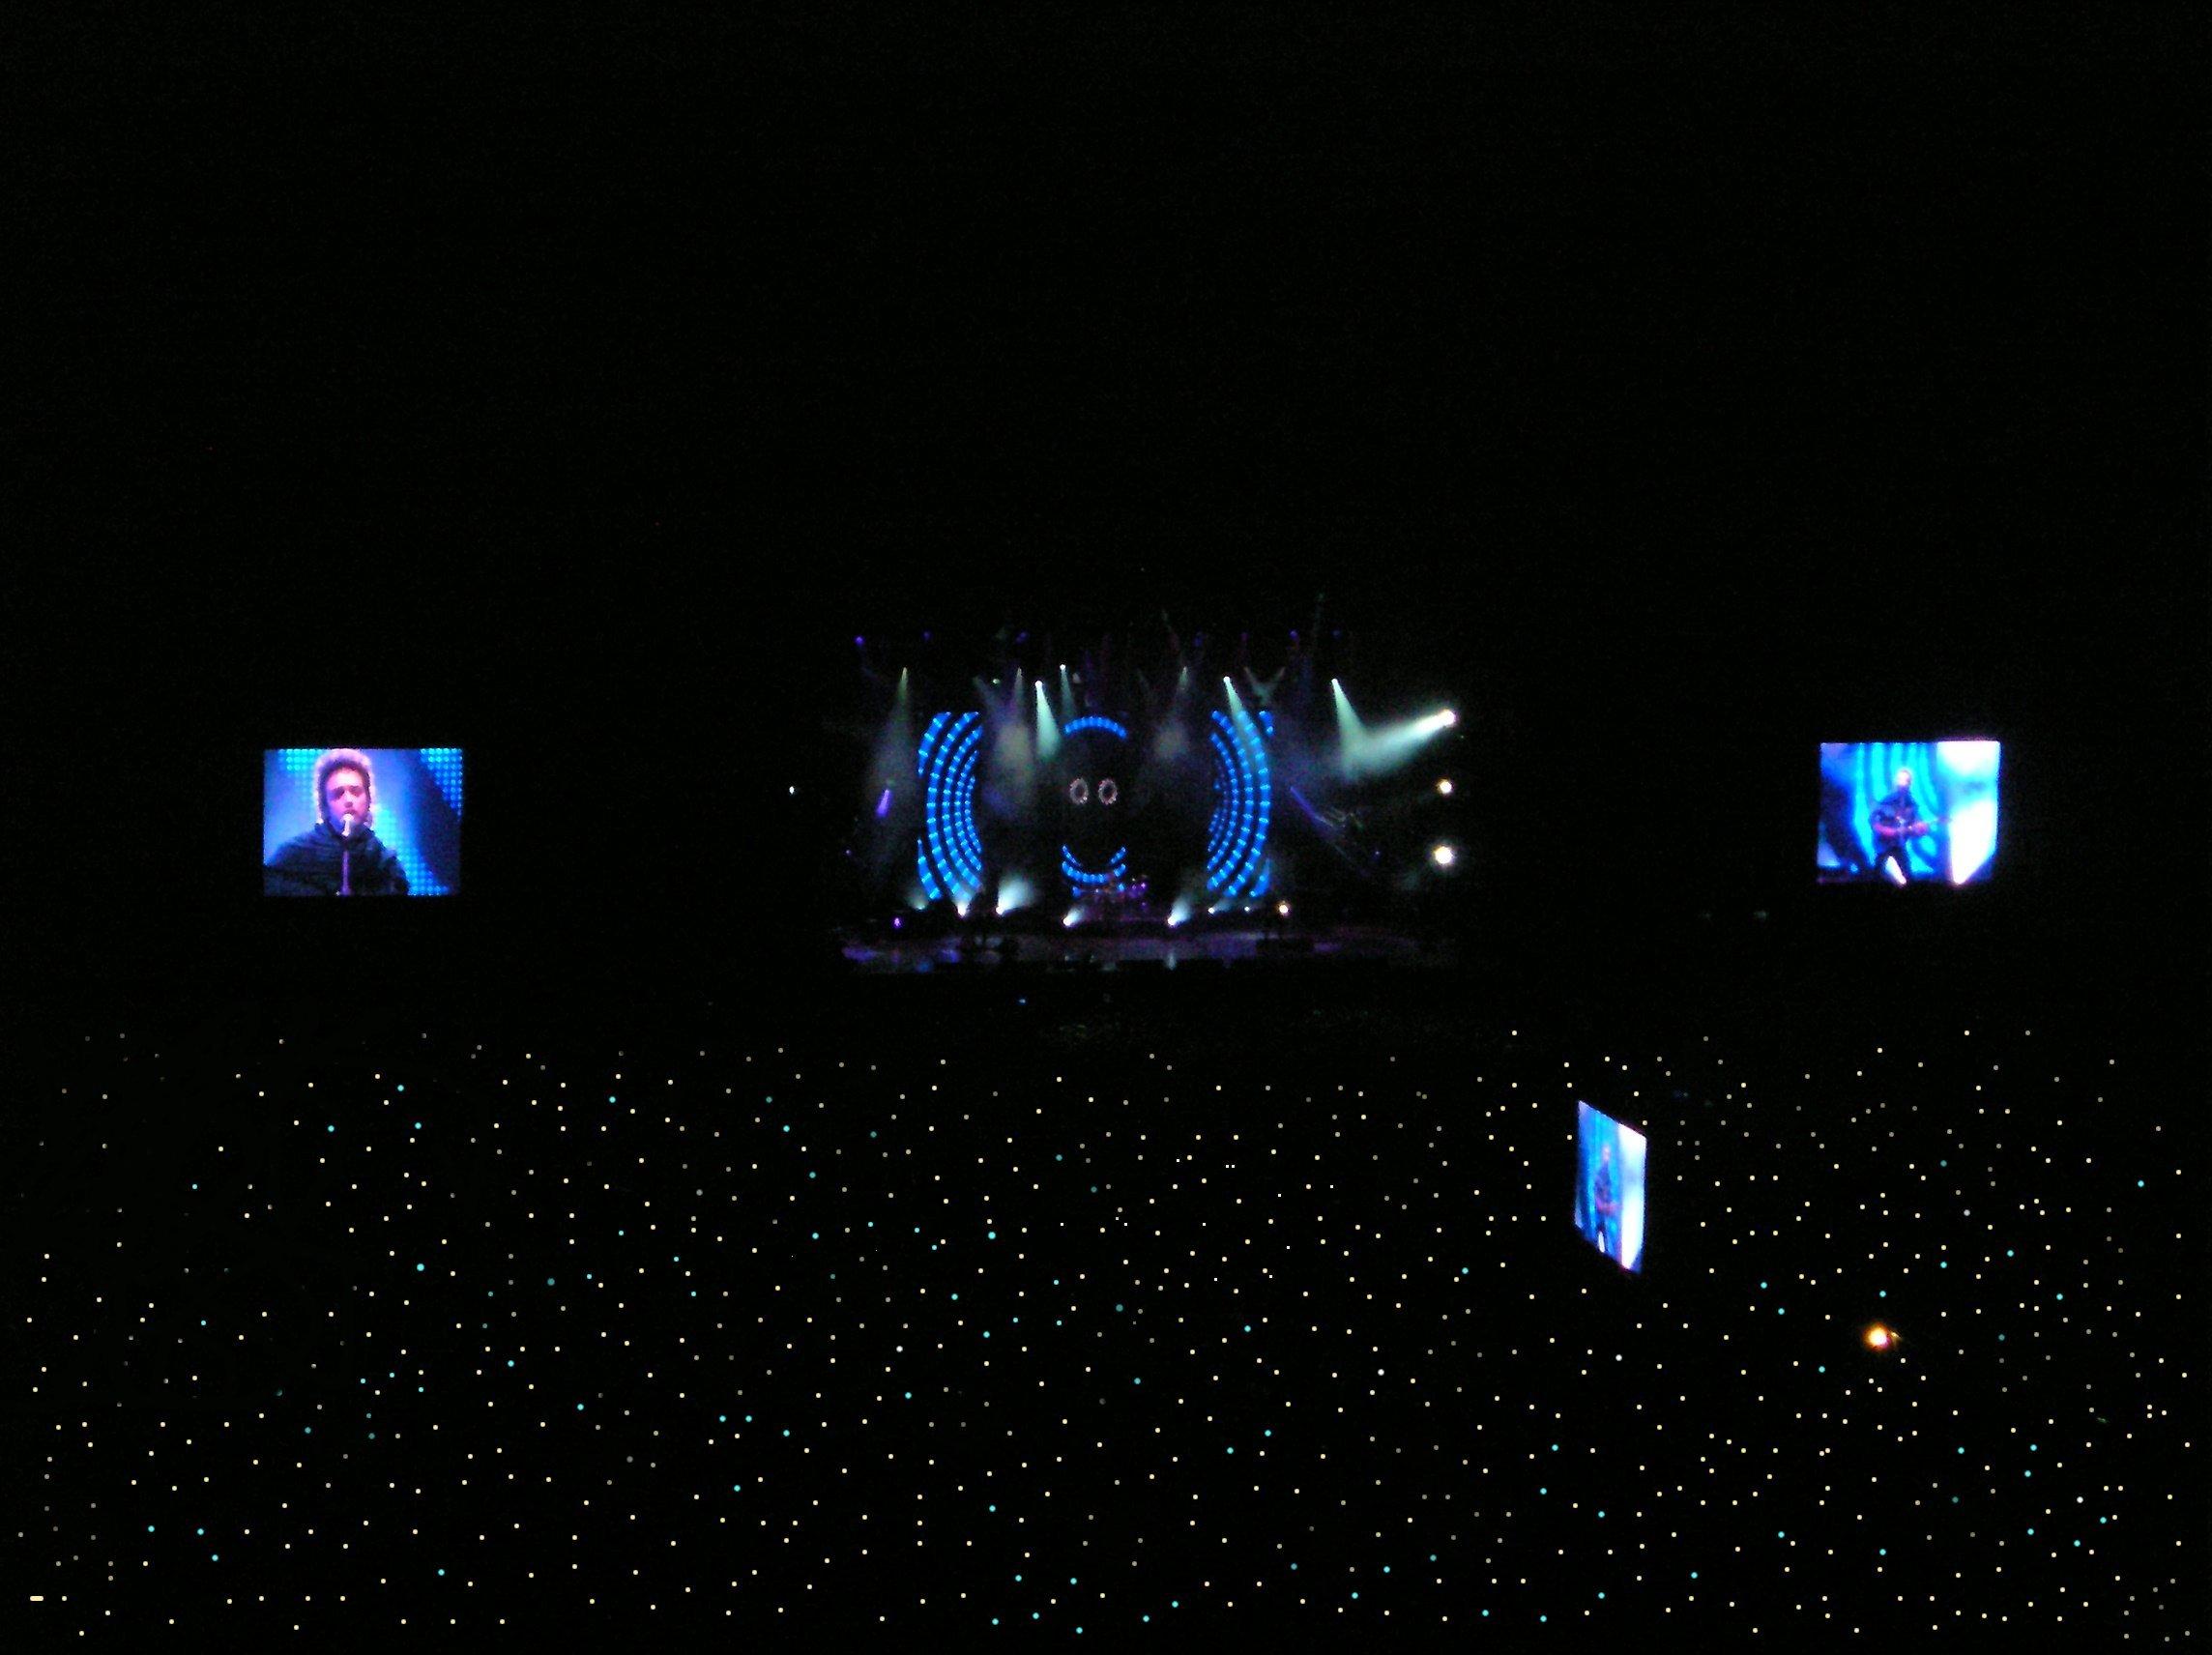 «¡Luces!», concierto en el estadio de River Plate, 2 de noviembre de 2007.